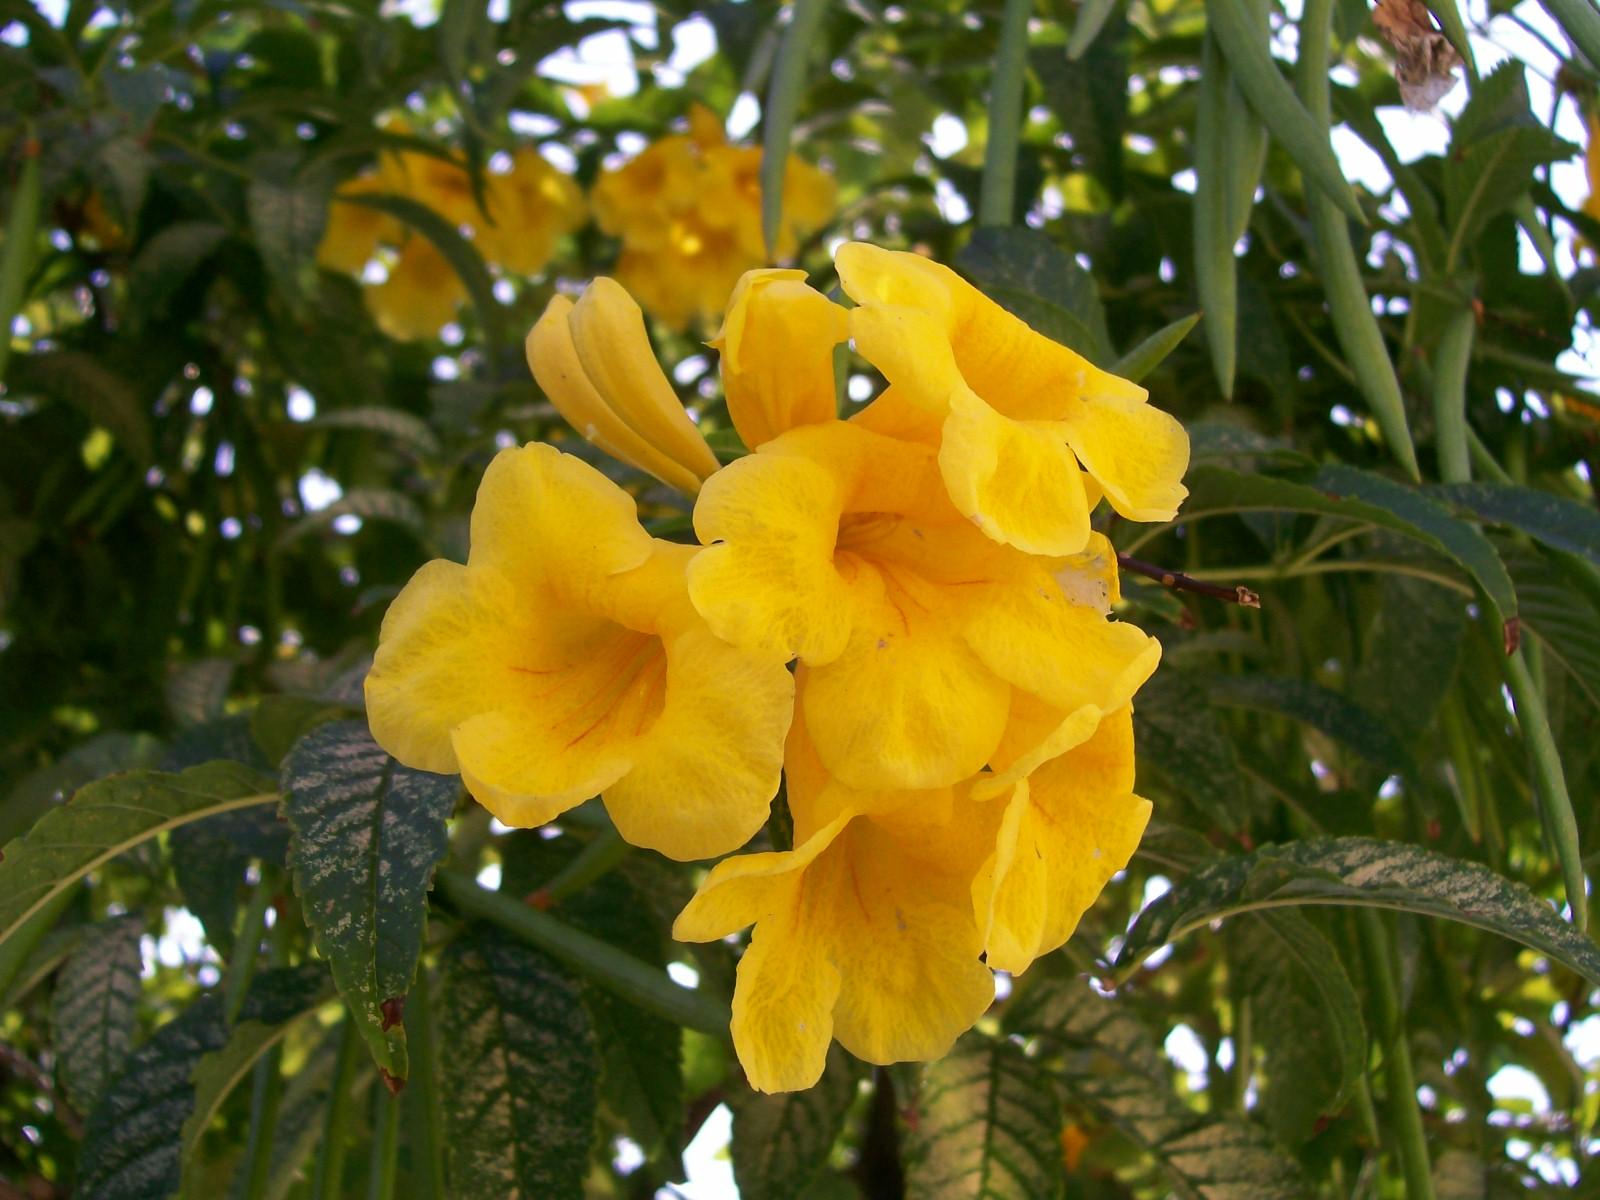 flor de jardim amarela:Flor Amarela Image